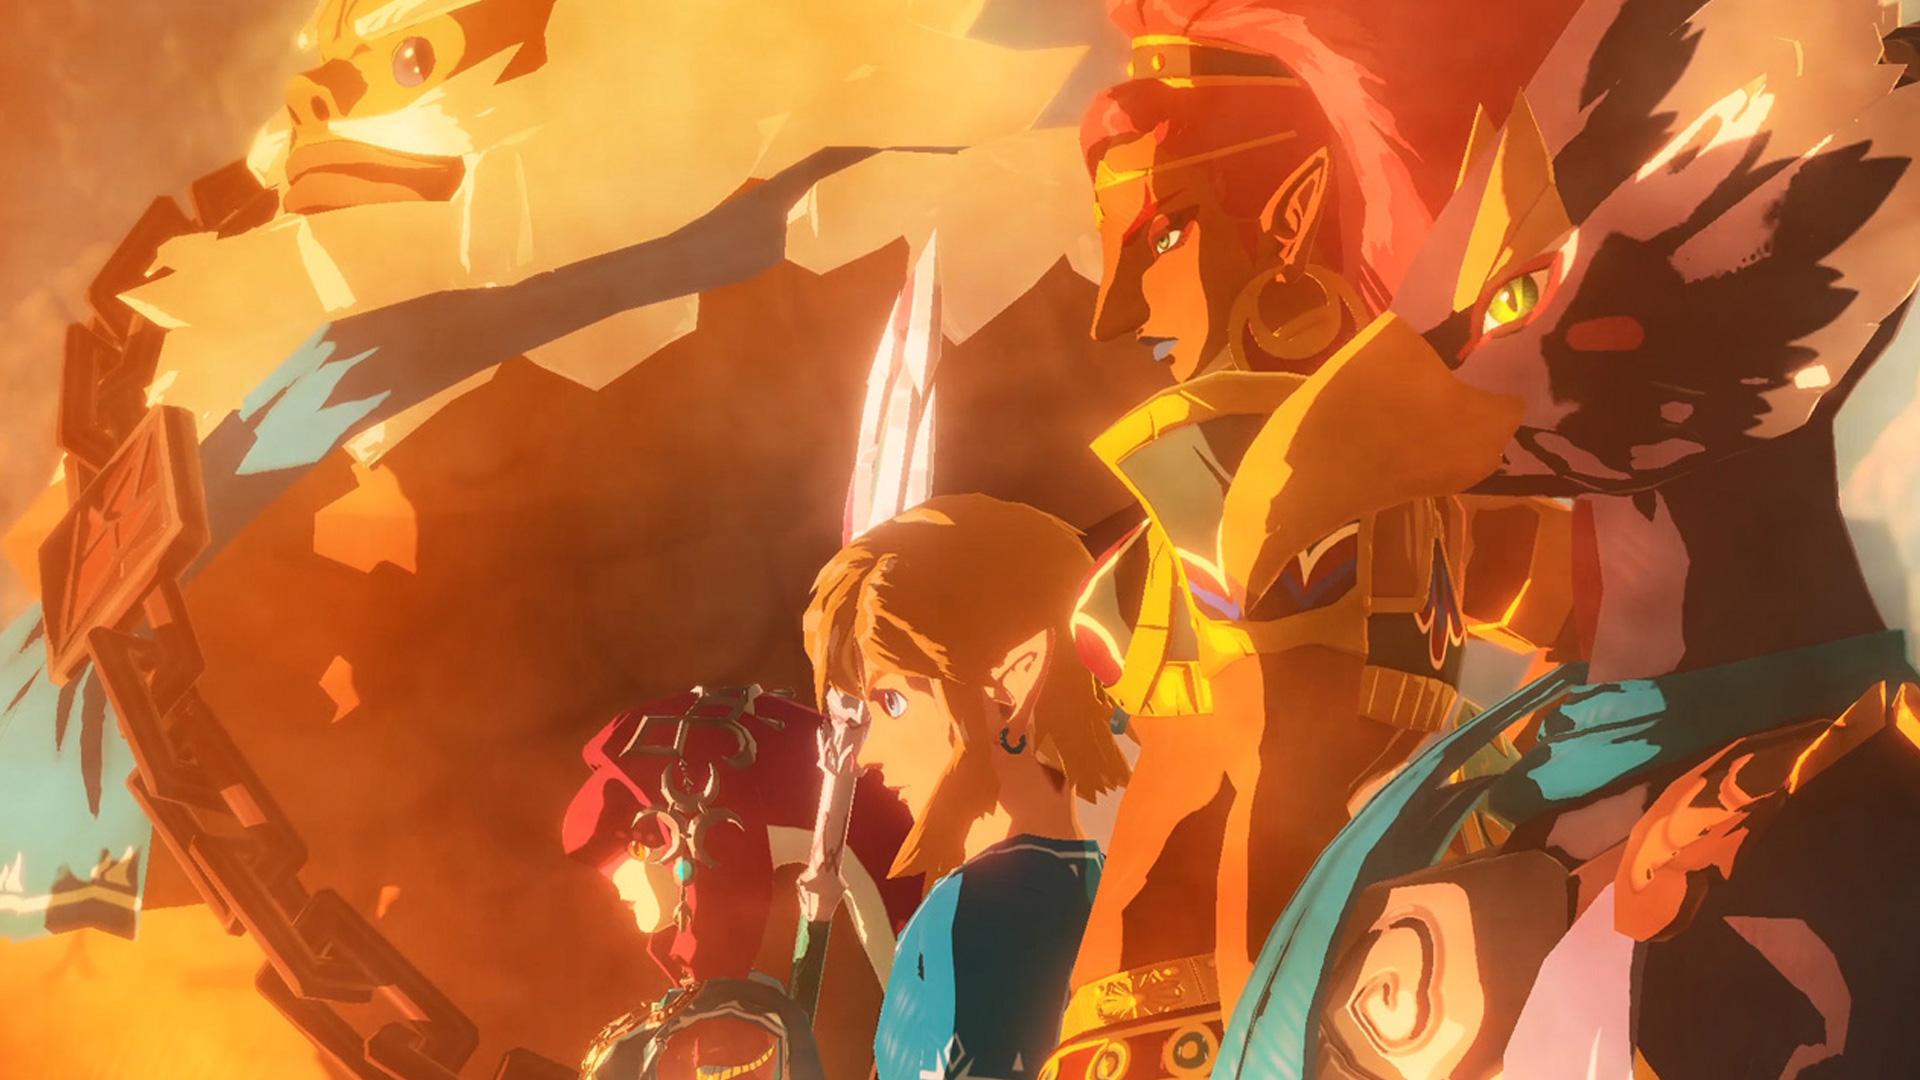 Comment débloquer tous les personnages dans Hyrule Warriors: Age of Calamity